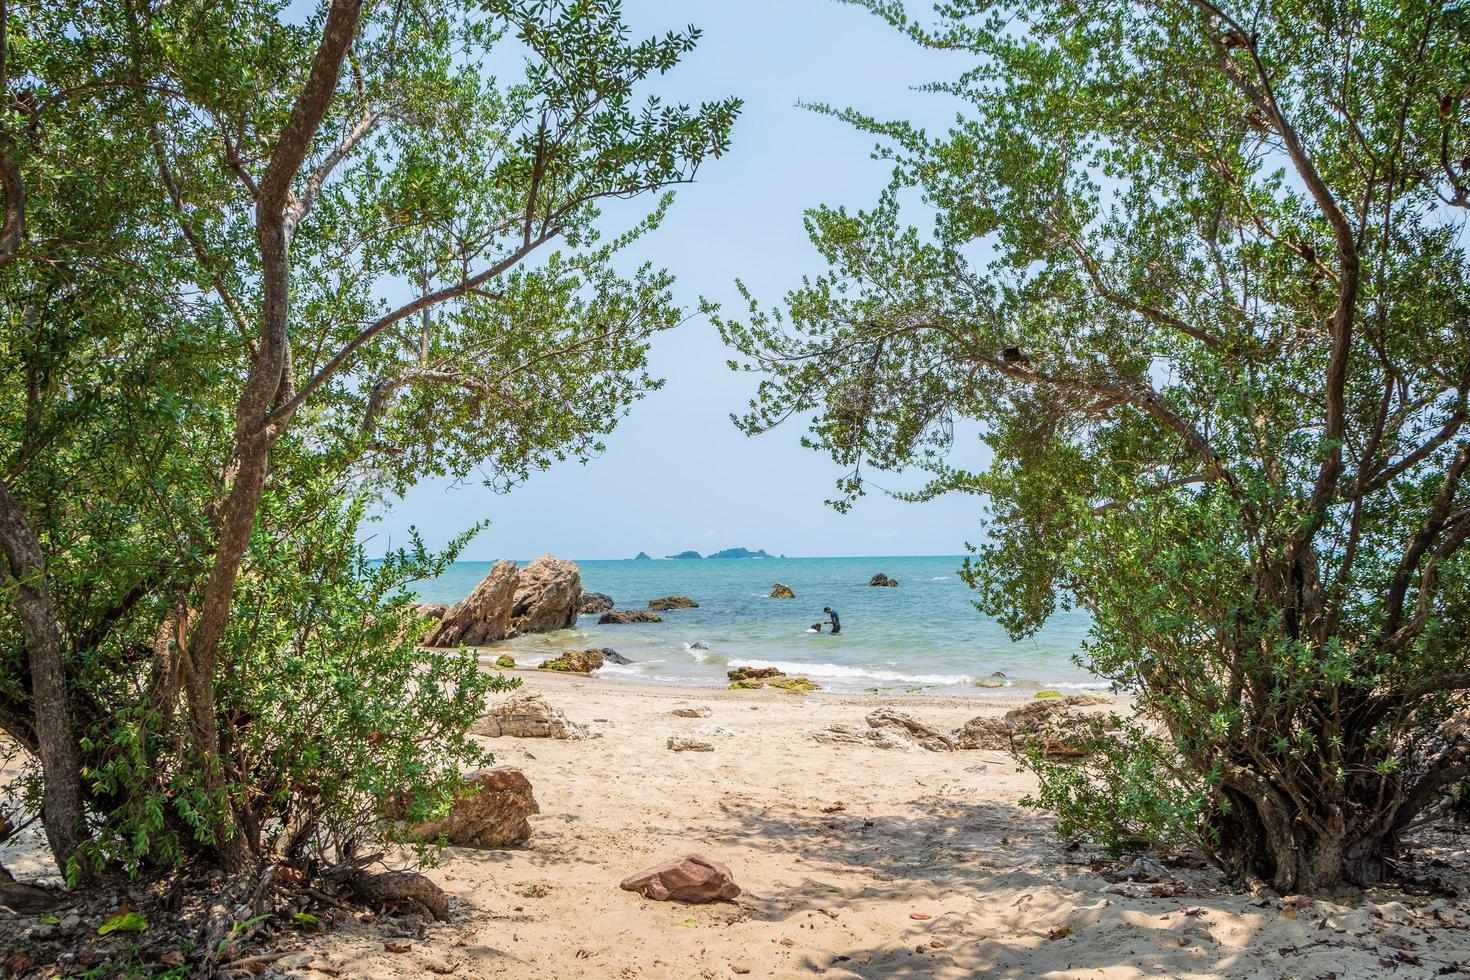 Sea view through trees photo